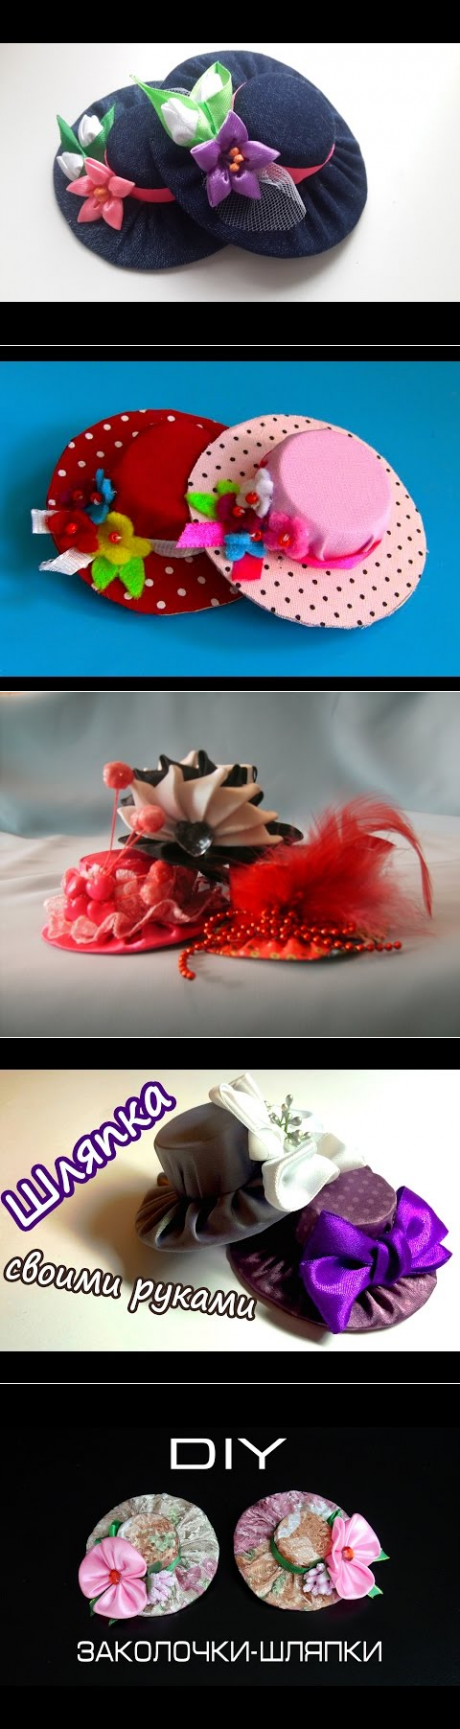 Мастер-класс по изготовлению вуалетки своими руками